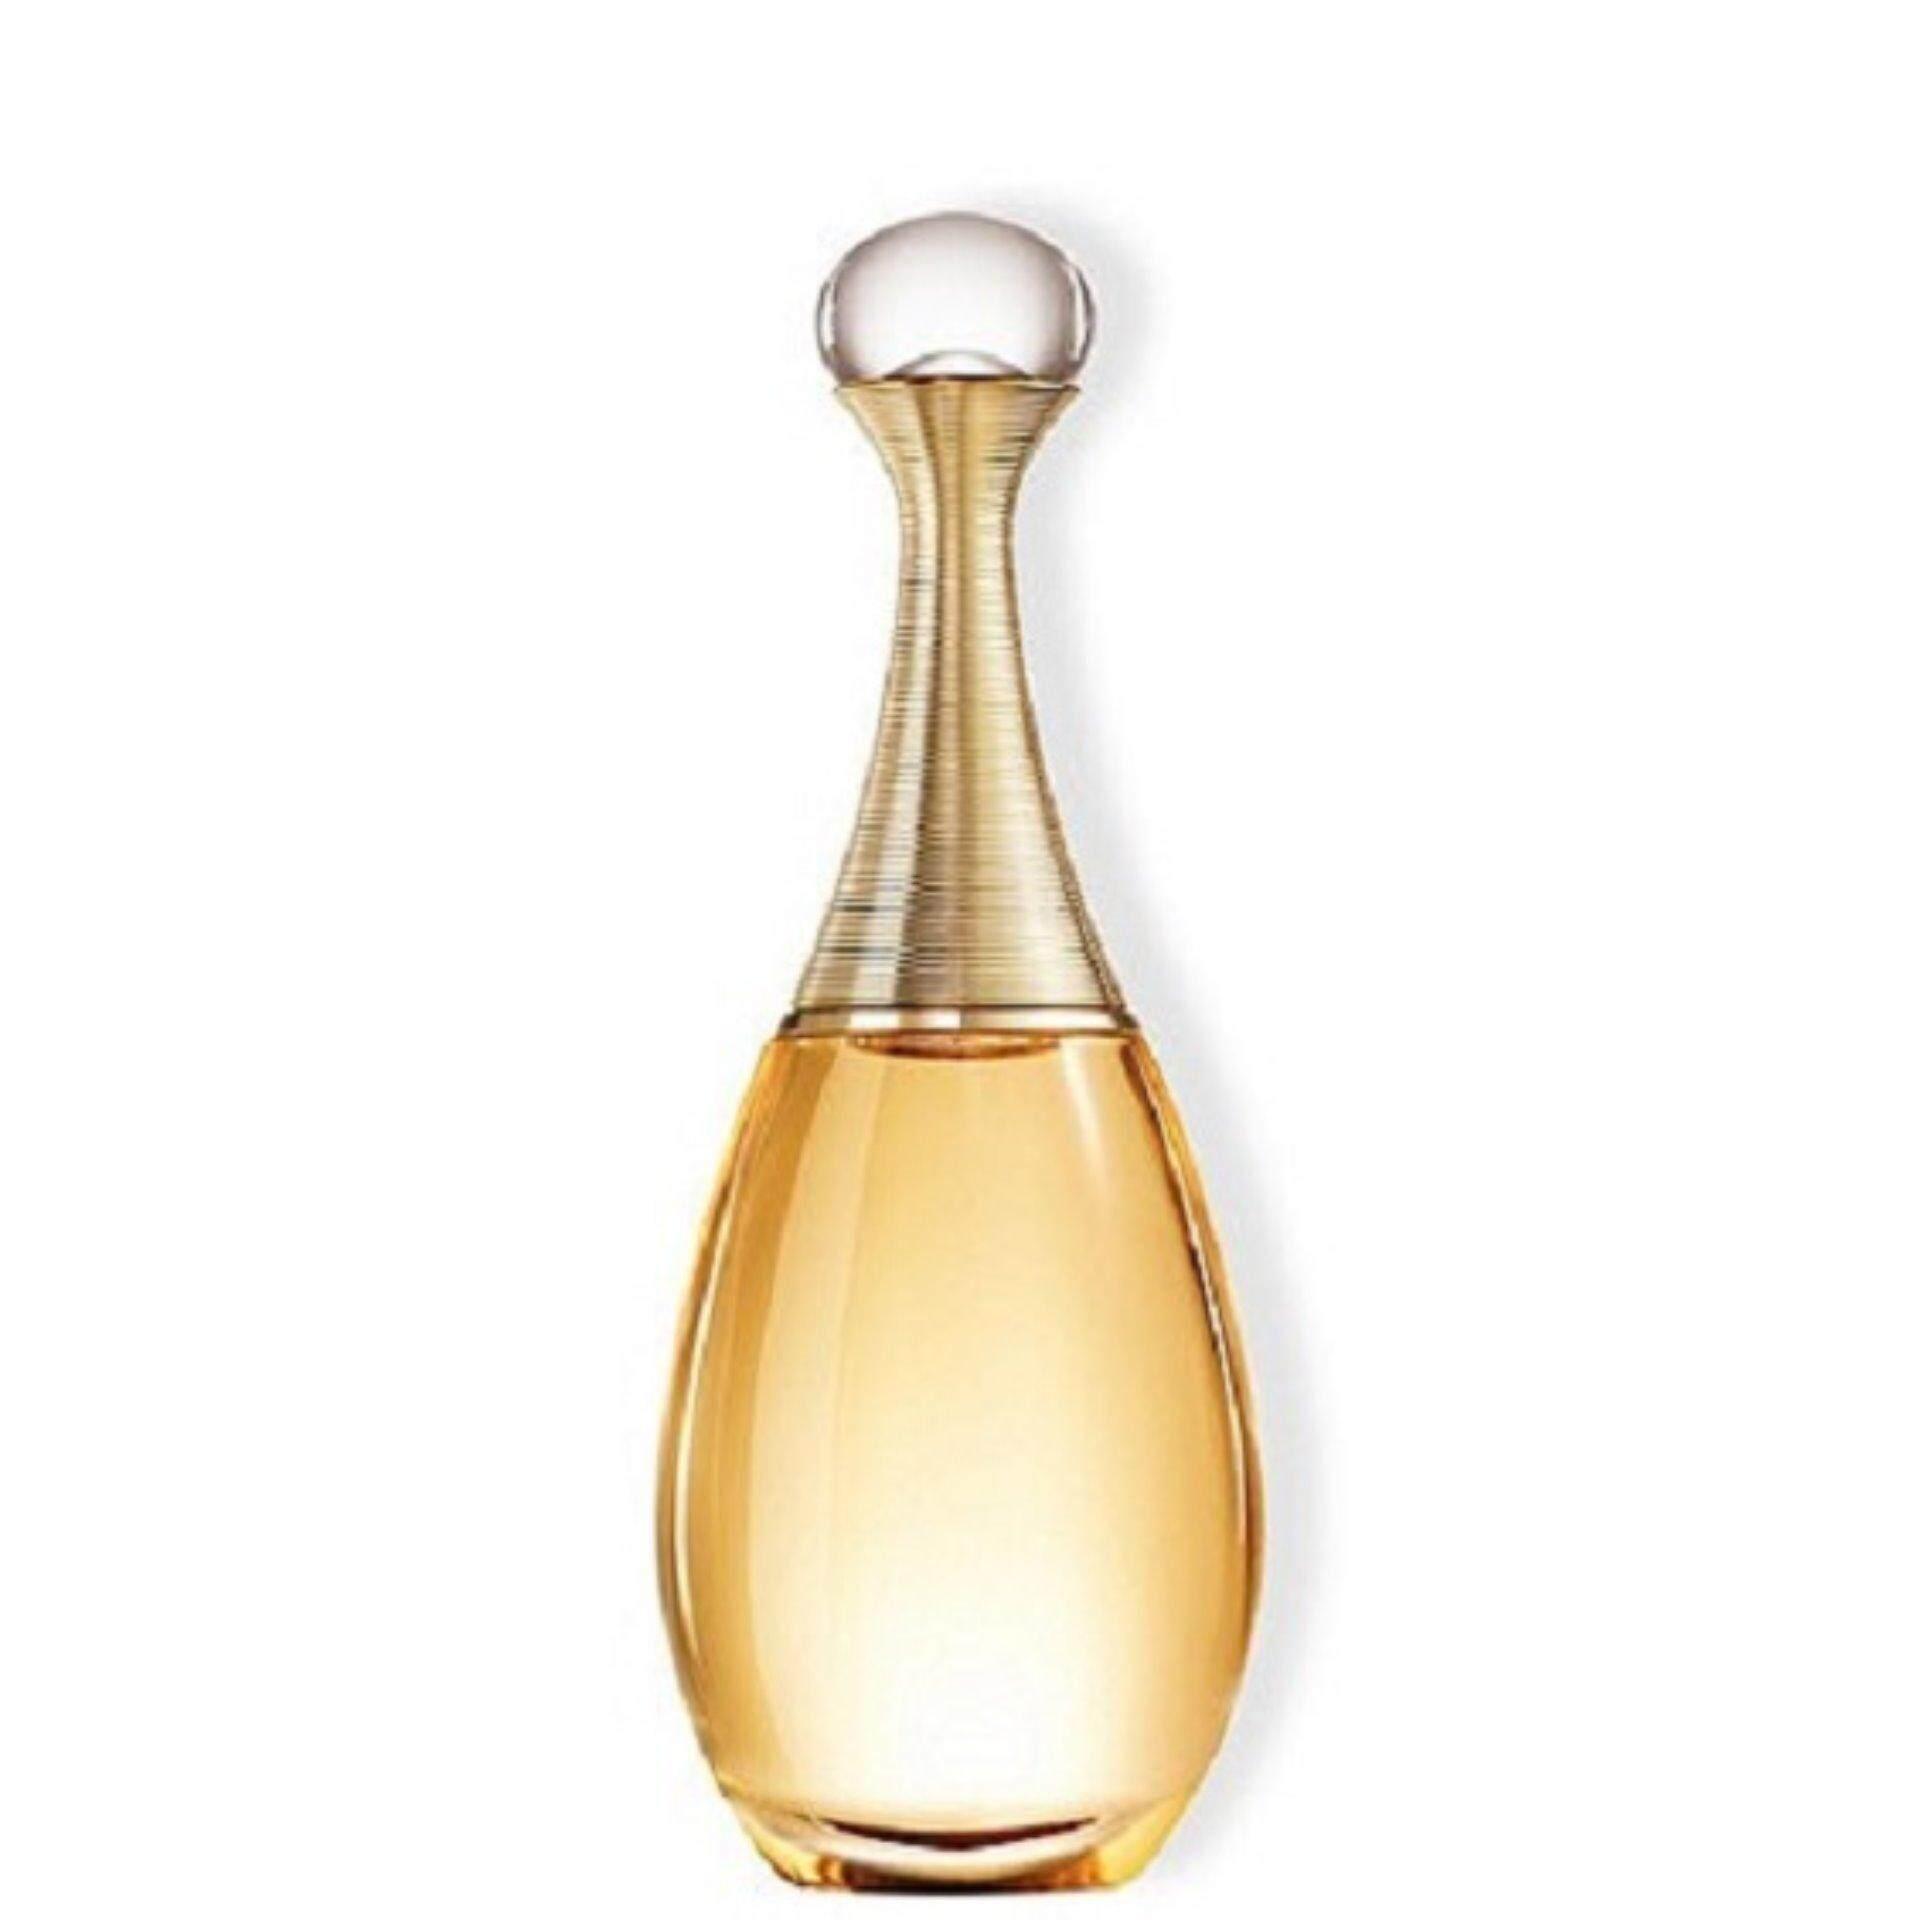 1x Bottle Christian Dior Miniature 5ml J\'ADORE EAU DE PARFUM - Imported (Warehouse Clearance Sale)